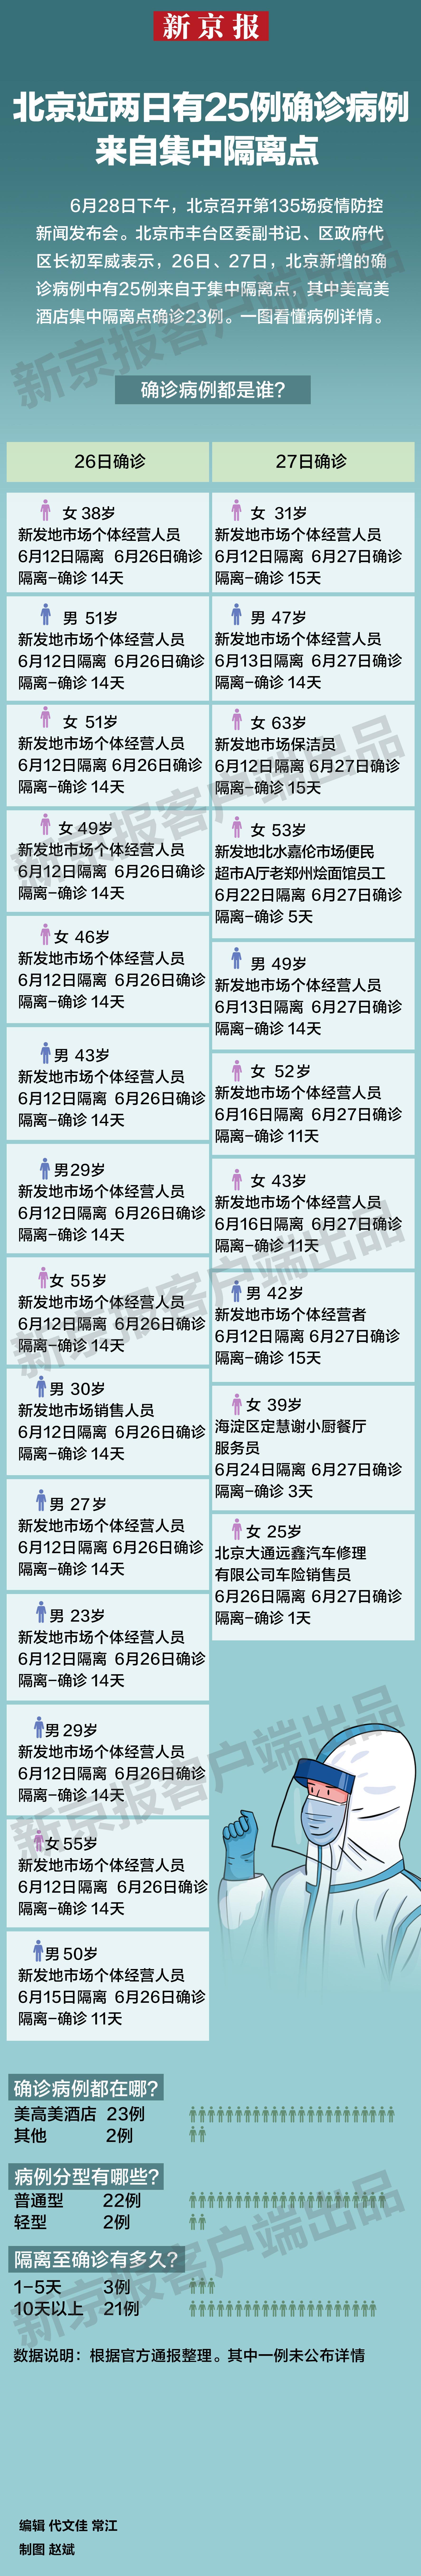 北京近两日有25例确诊病例来自集中隔离点图片